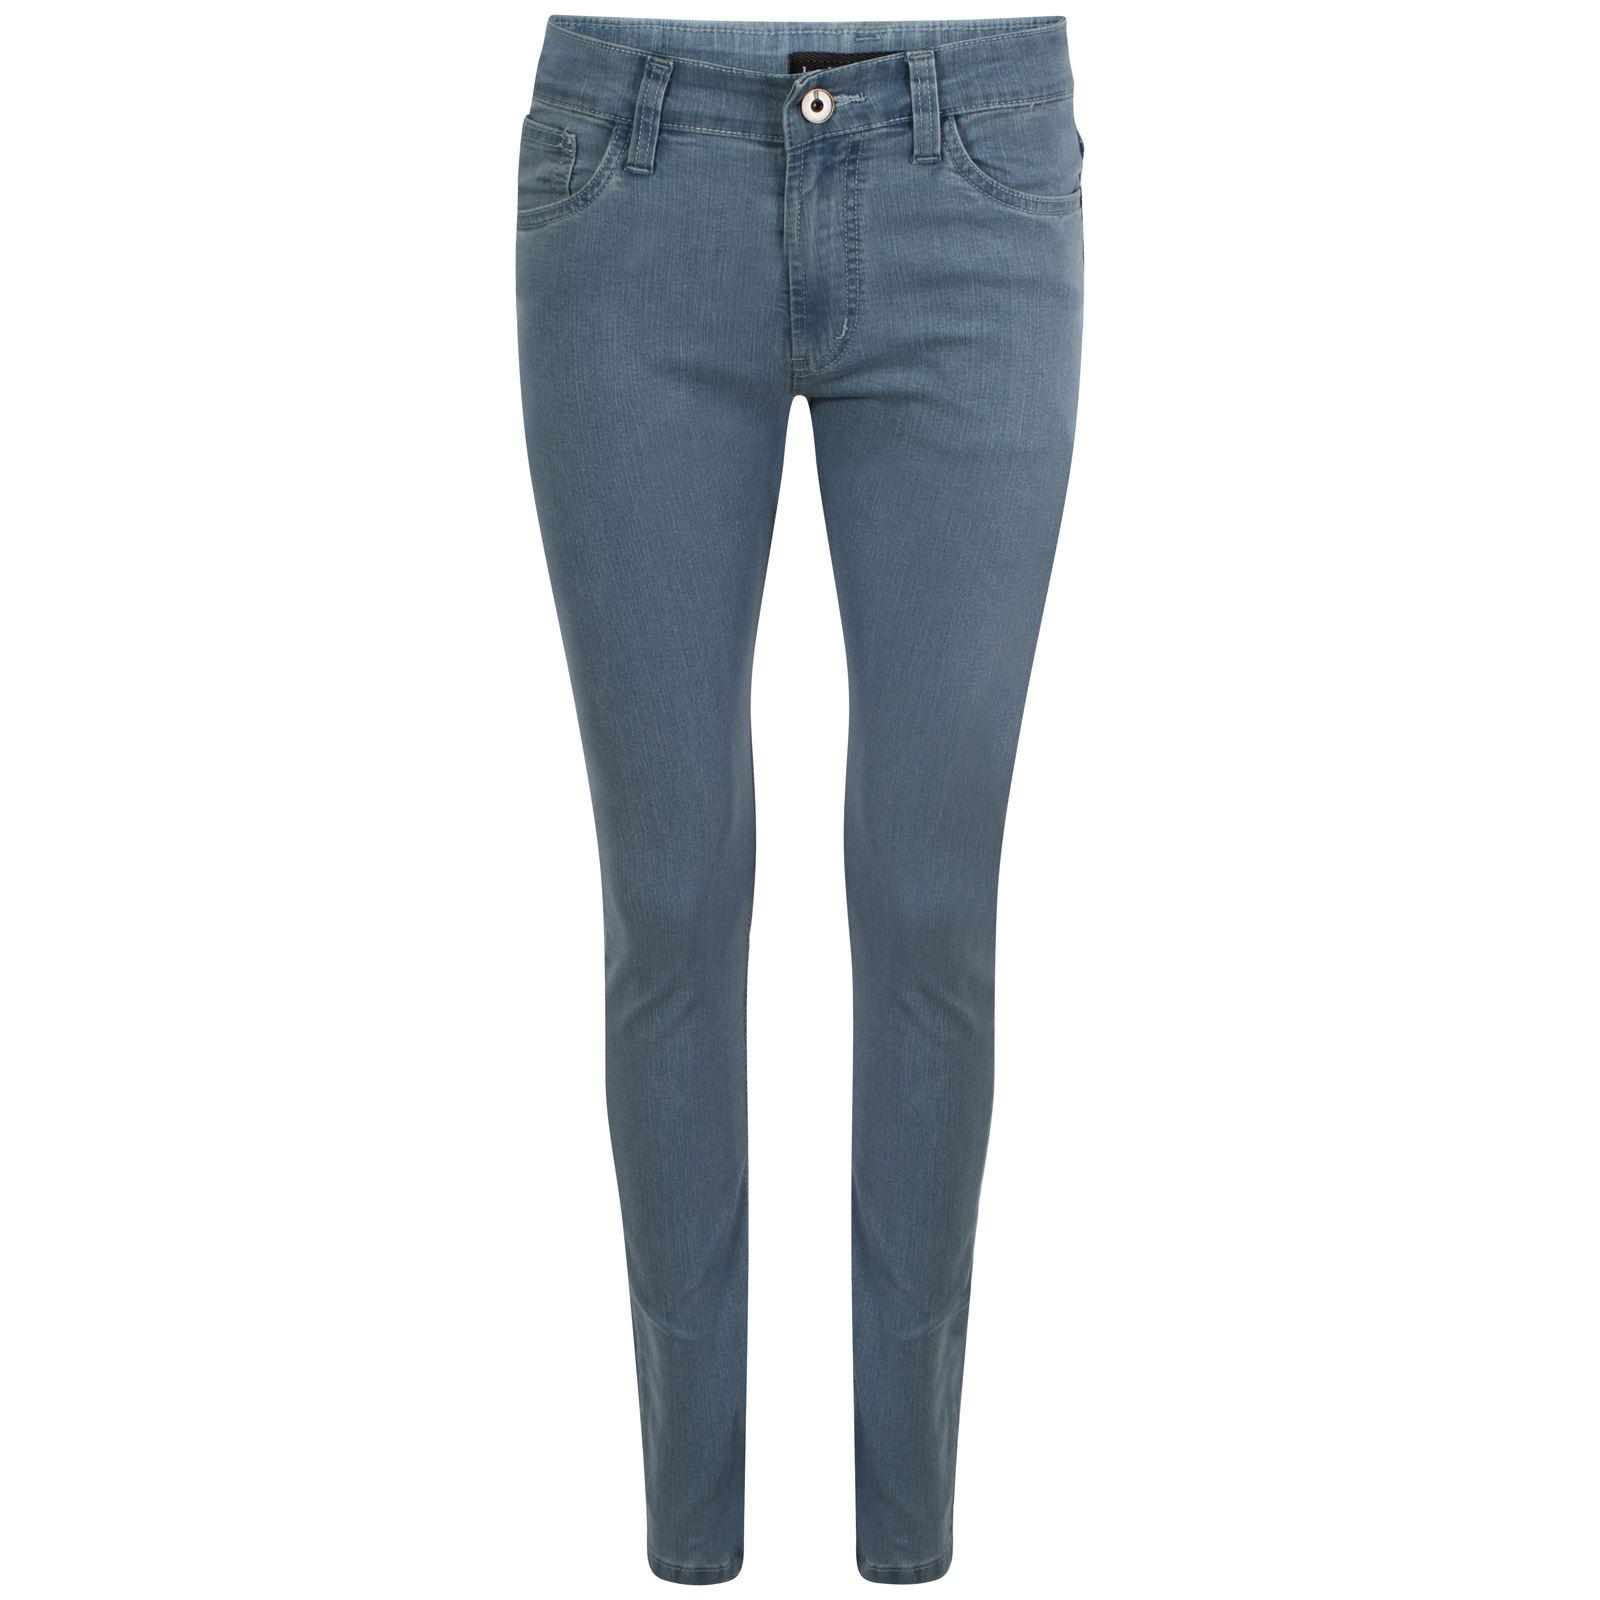 femmes slim fit jean filles lastique pantalon jegging grande taille ebay. Black Bedroom Furniture Sets. Home Design Ideas